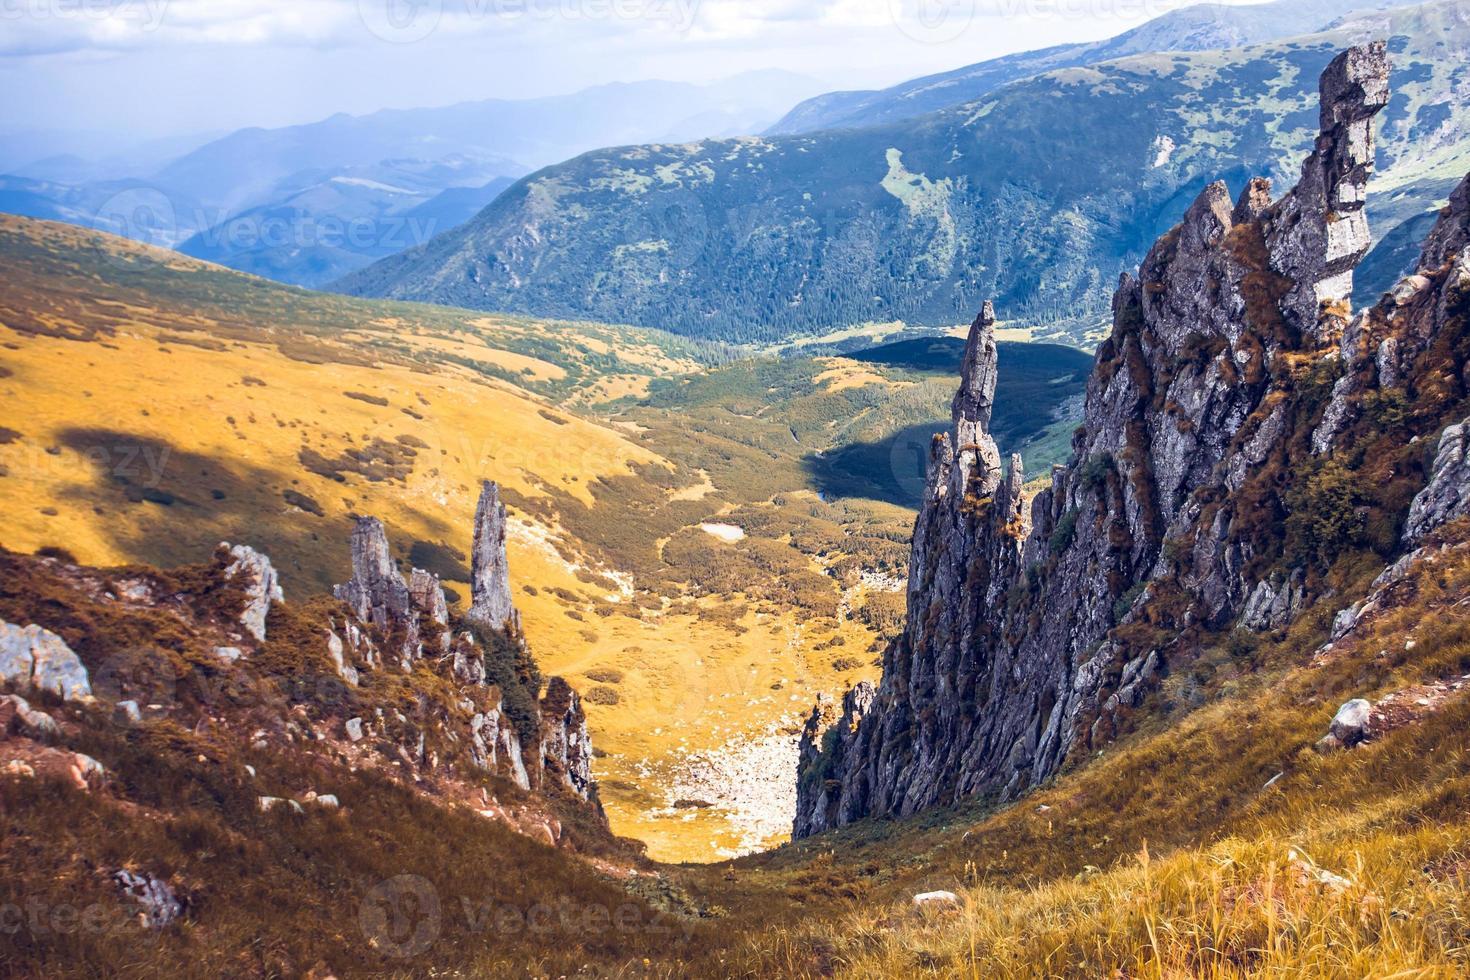 vackra bergslandskap foto